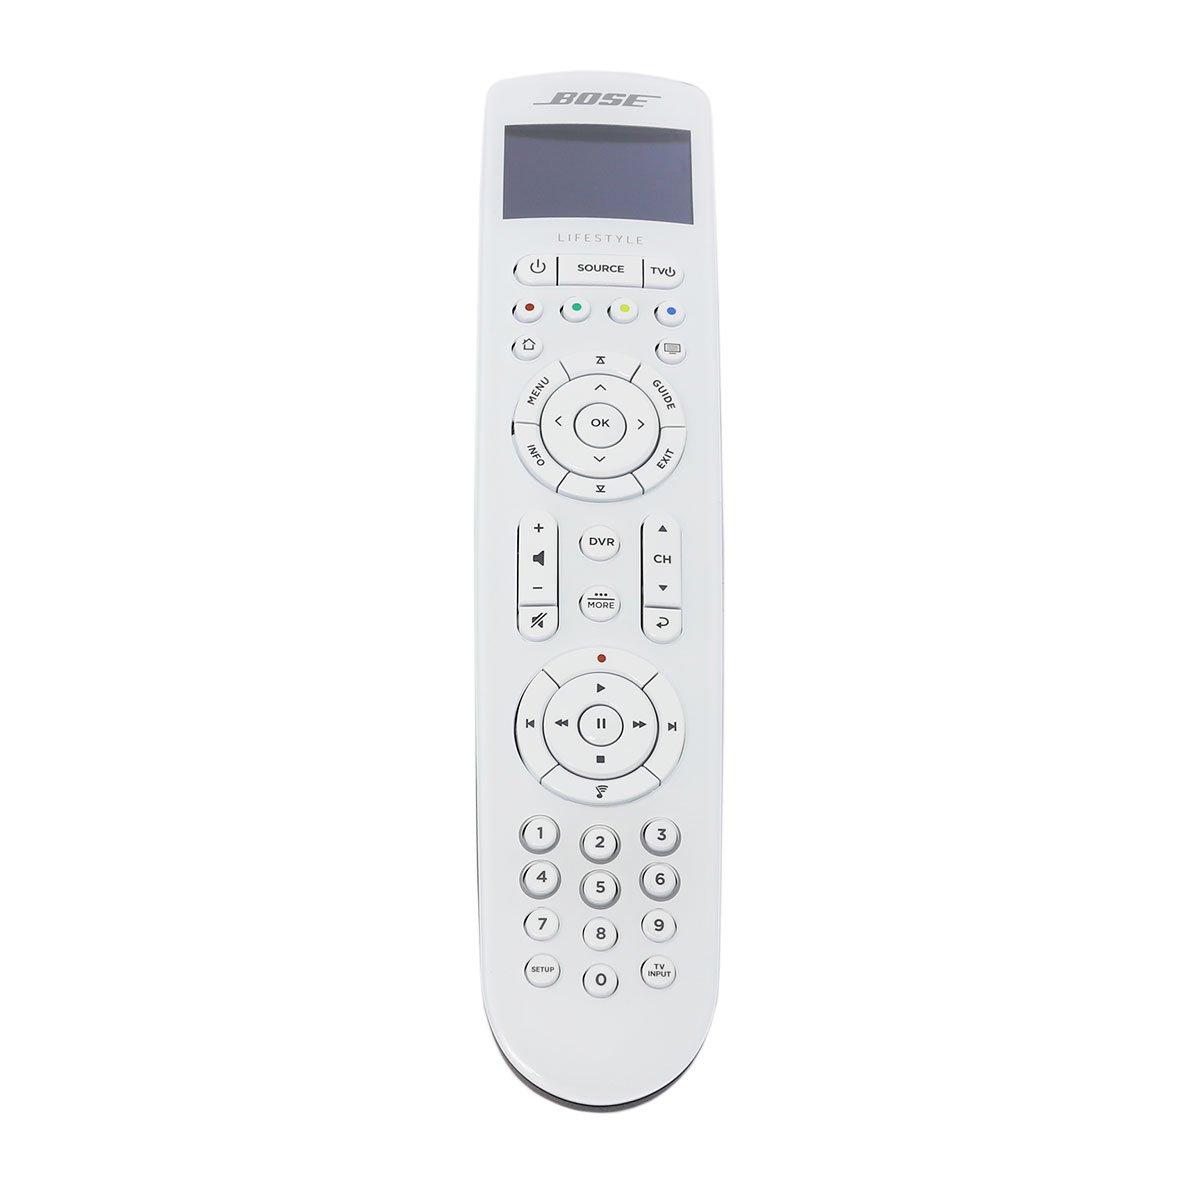 Bose Lifestyle 600/650 Remote Control (White) - 73877-0020 (6289) - 420129